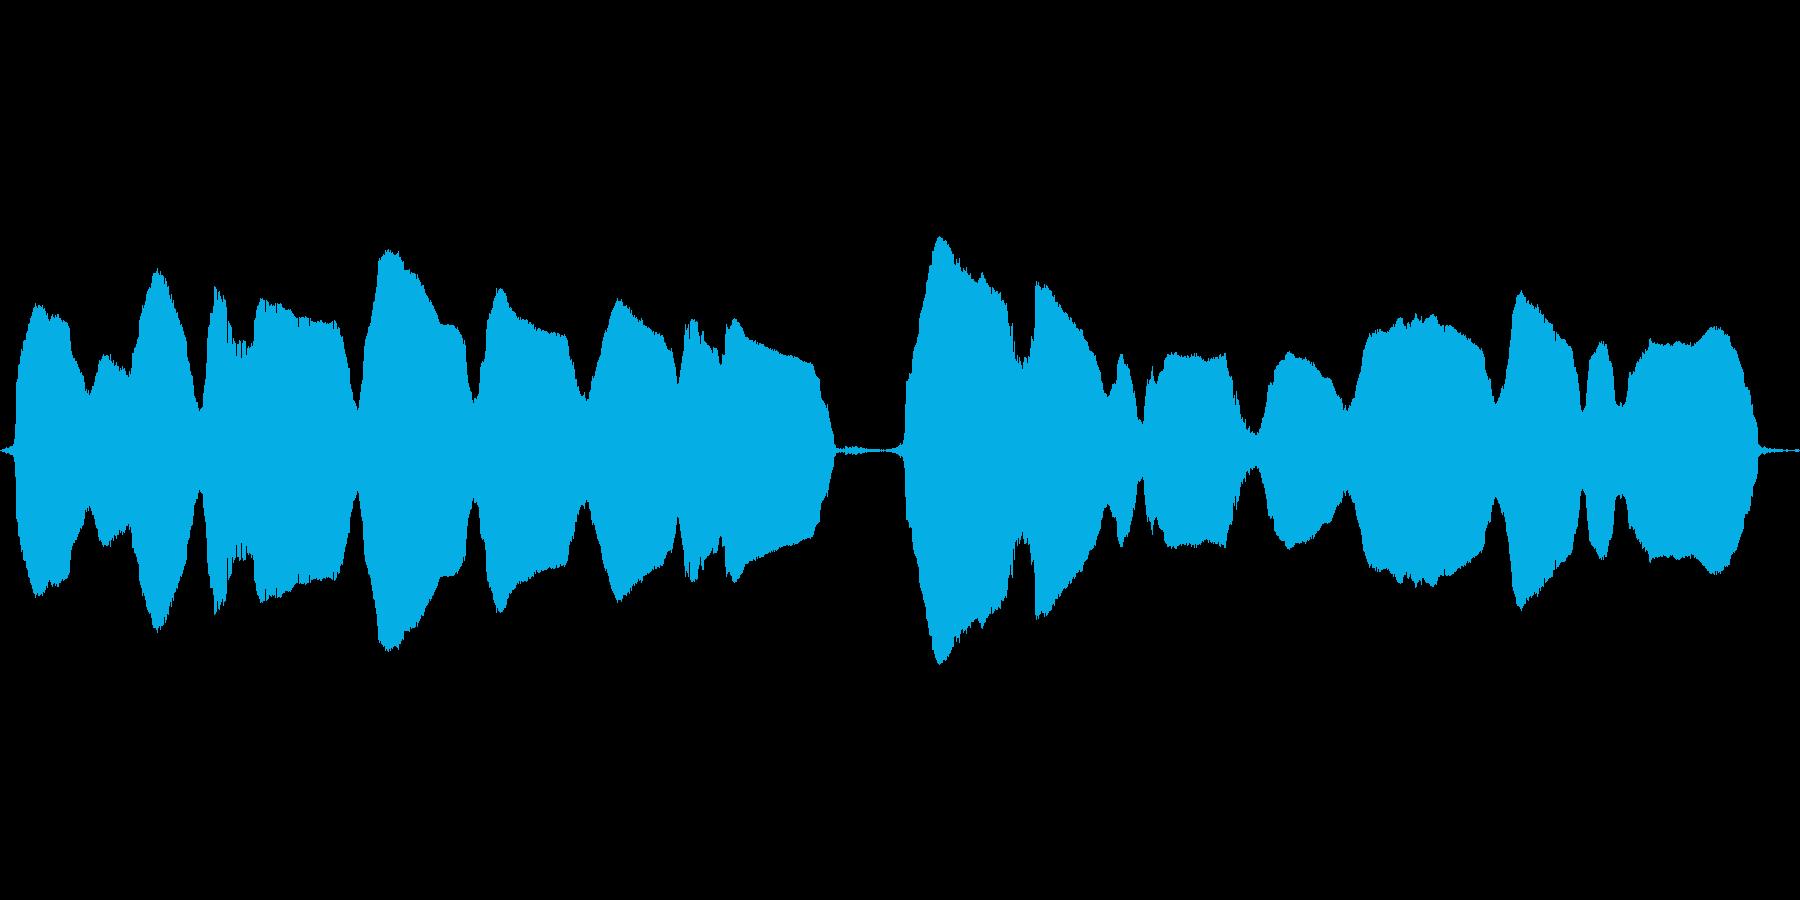 (鼻歌)の再生済みの波形